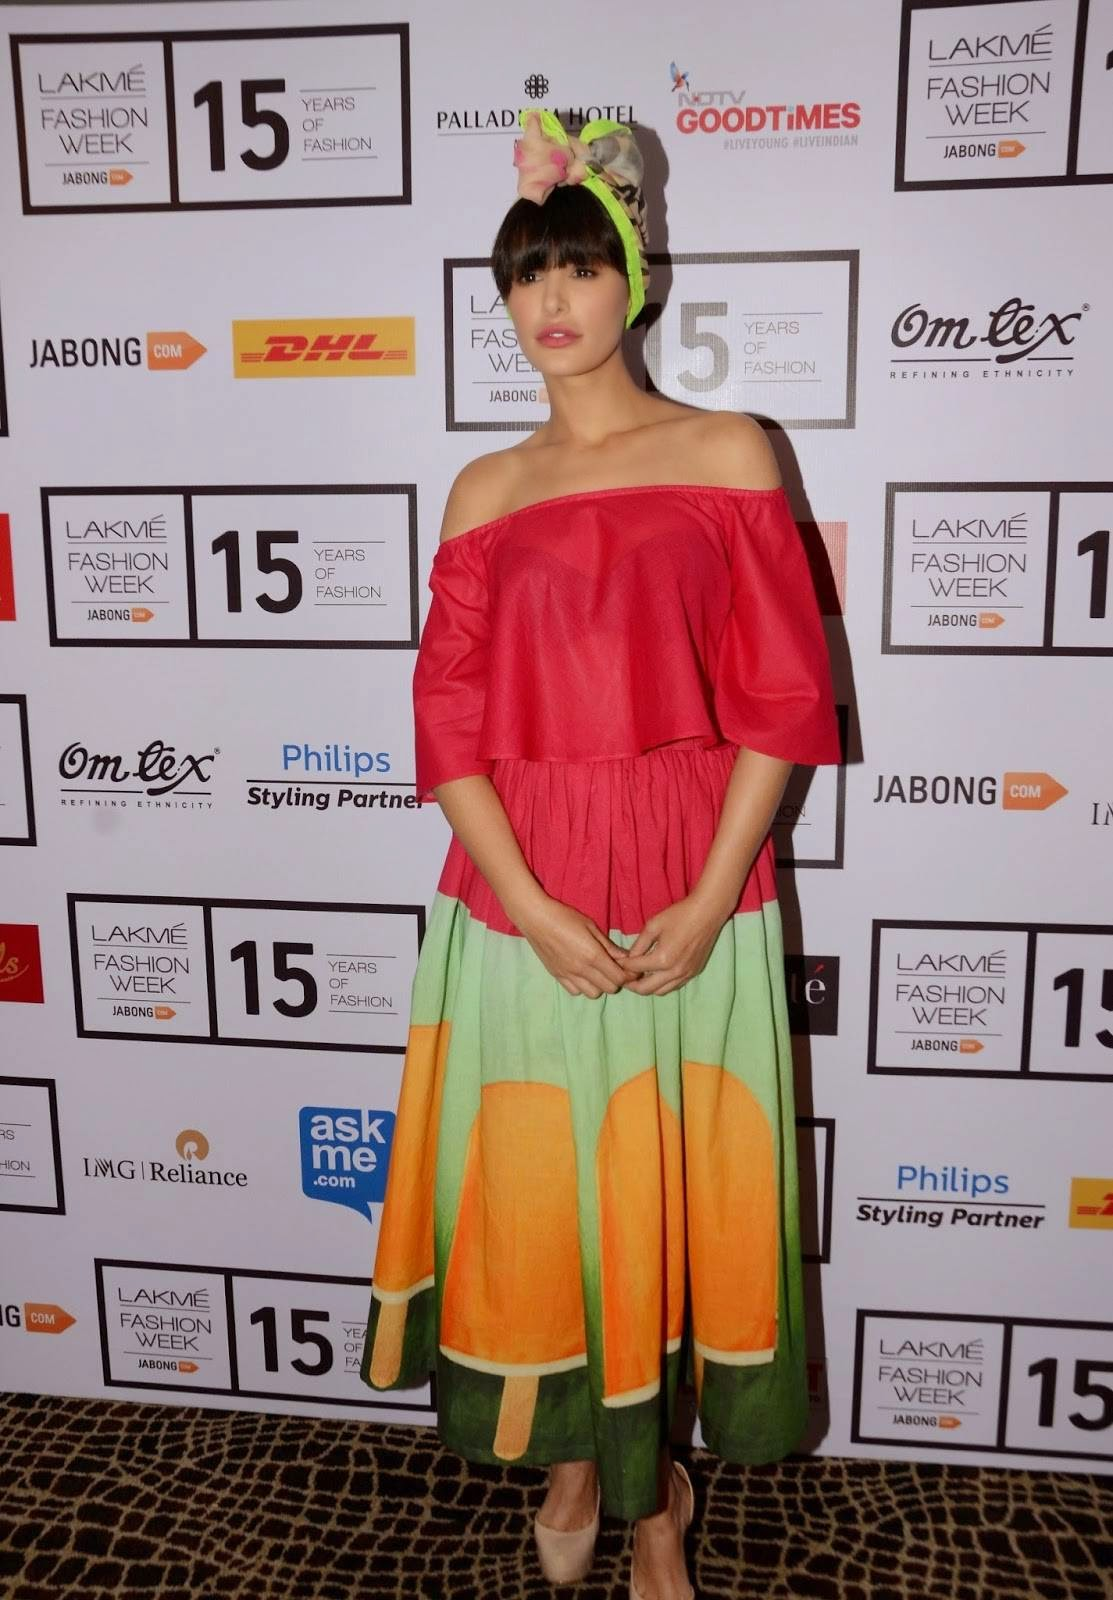 Nargis Fakhri At Lakme Fashion Week Media Meet 2015 Stills